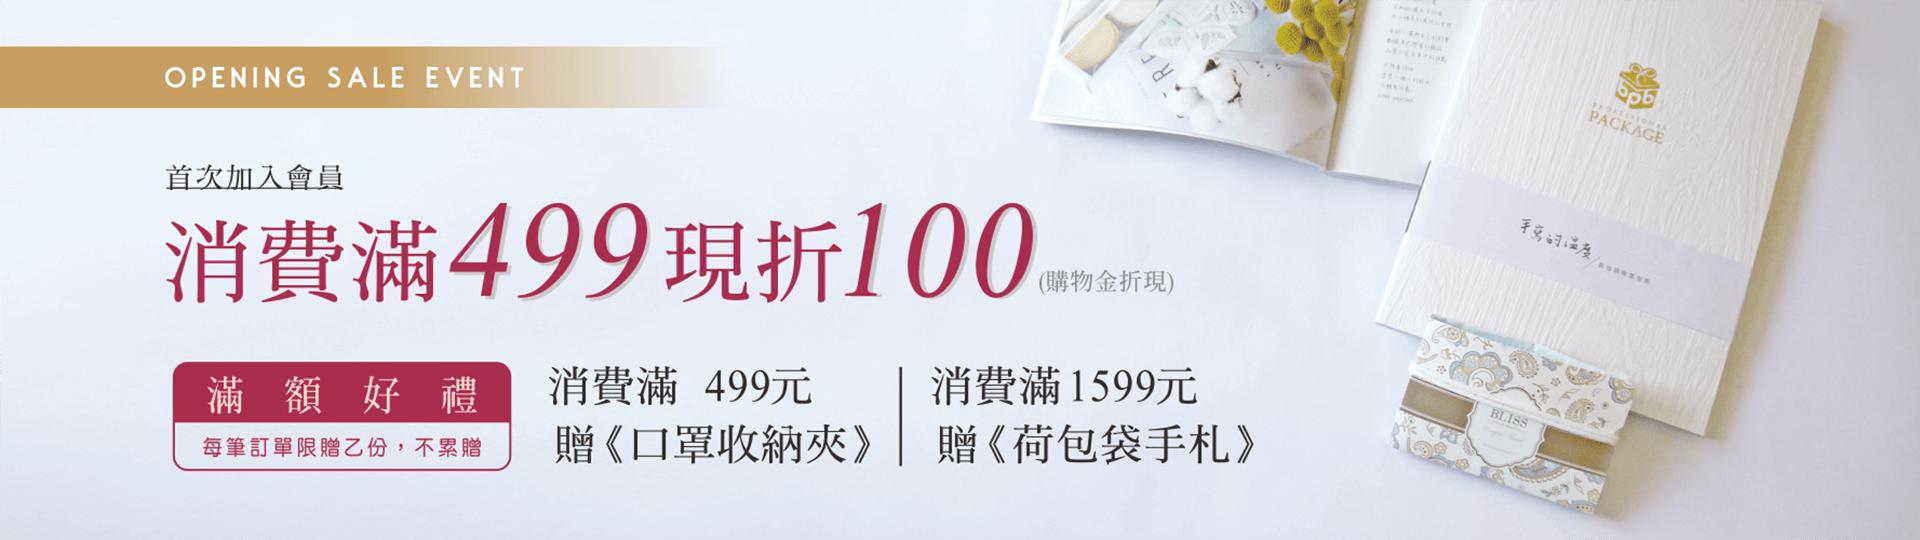 慶官網上線活動_消費滿499折100_滿額贈好禮